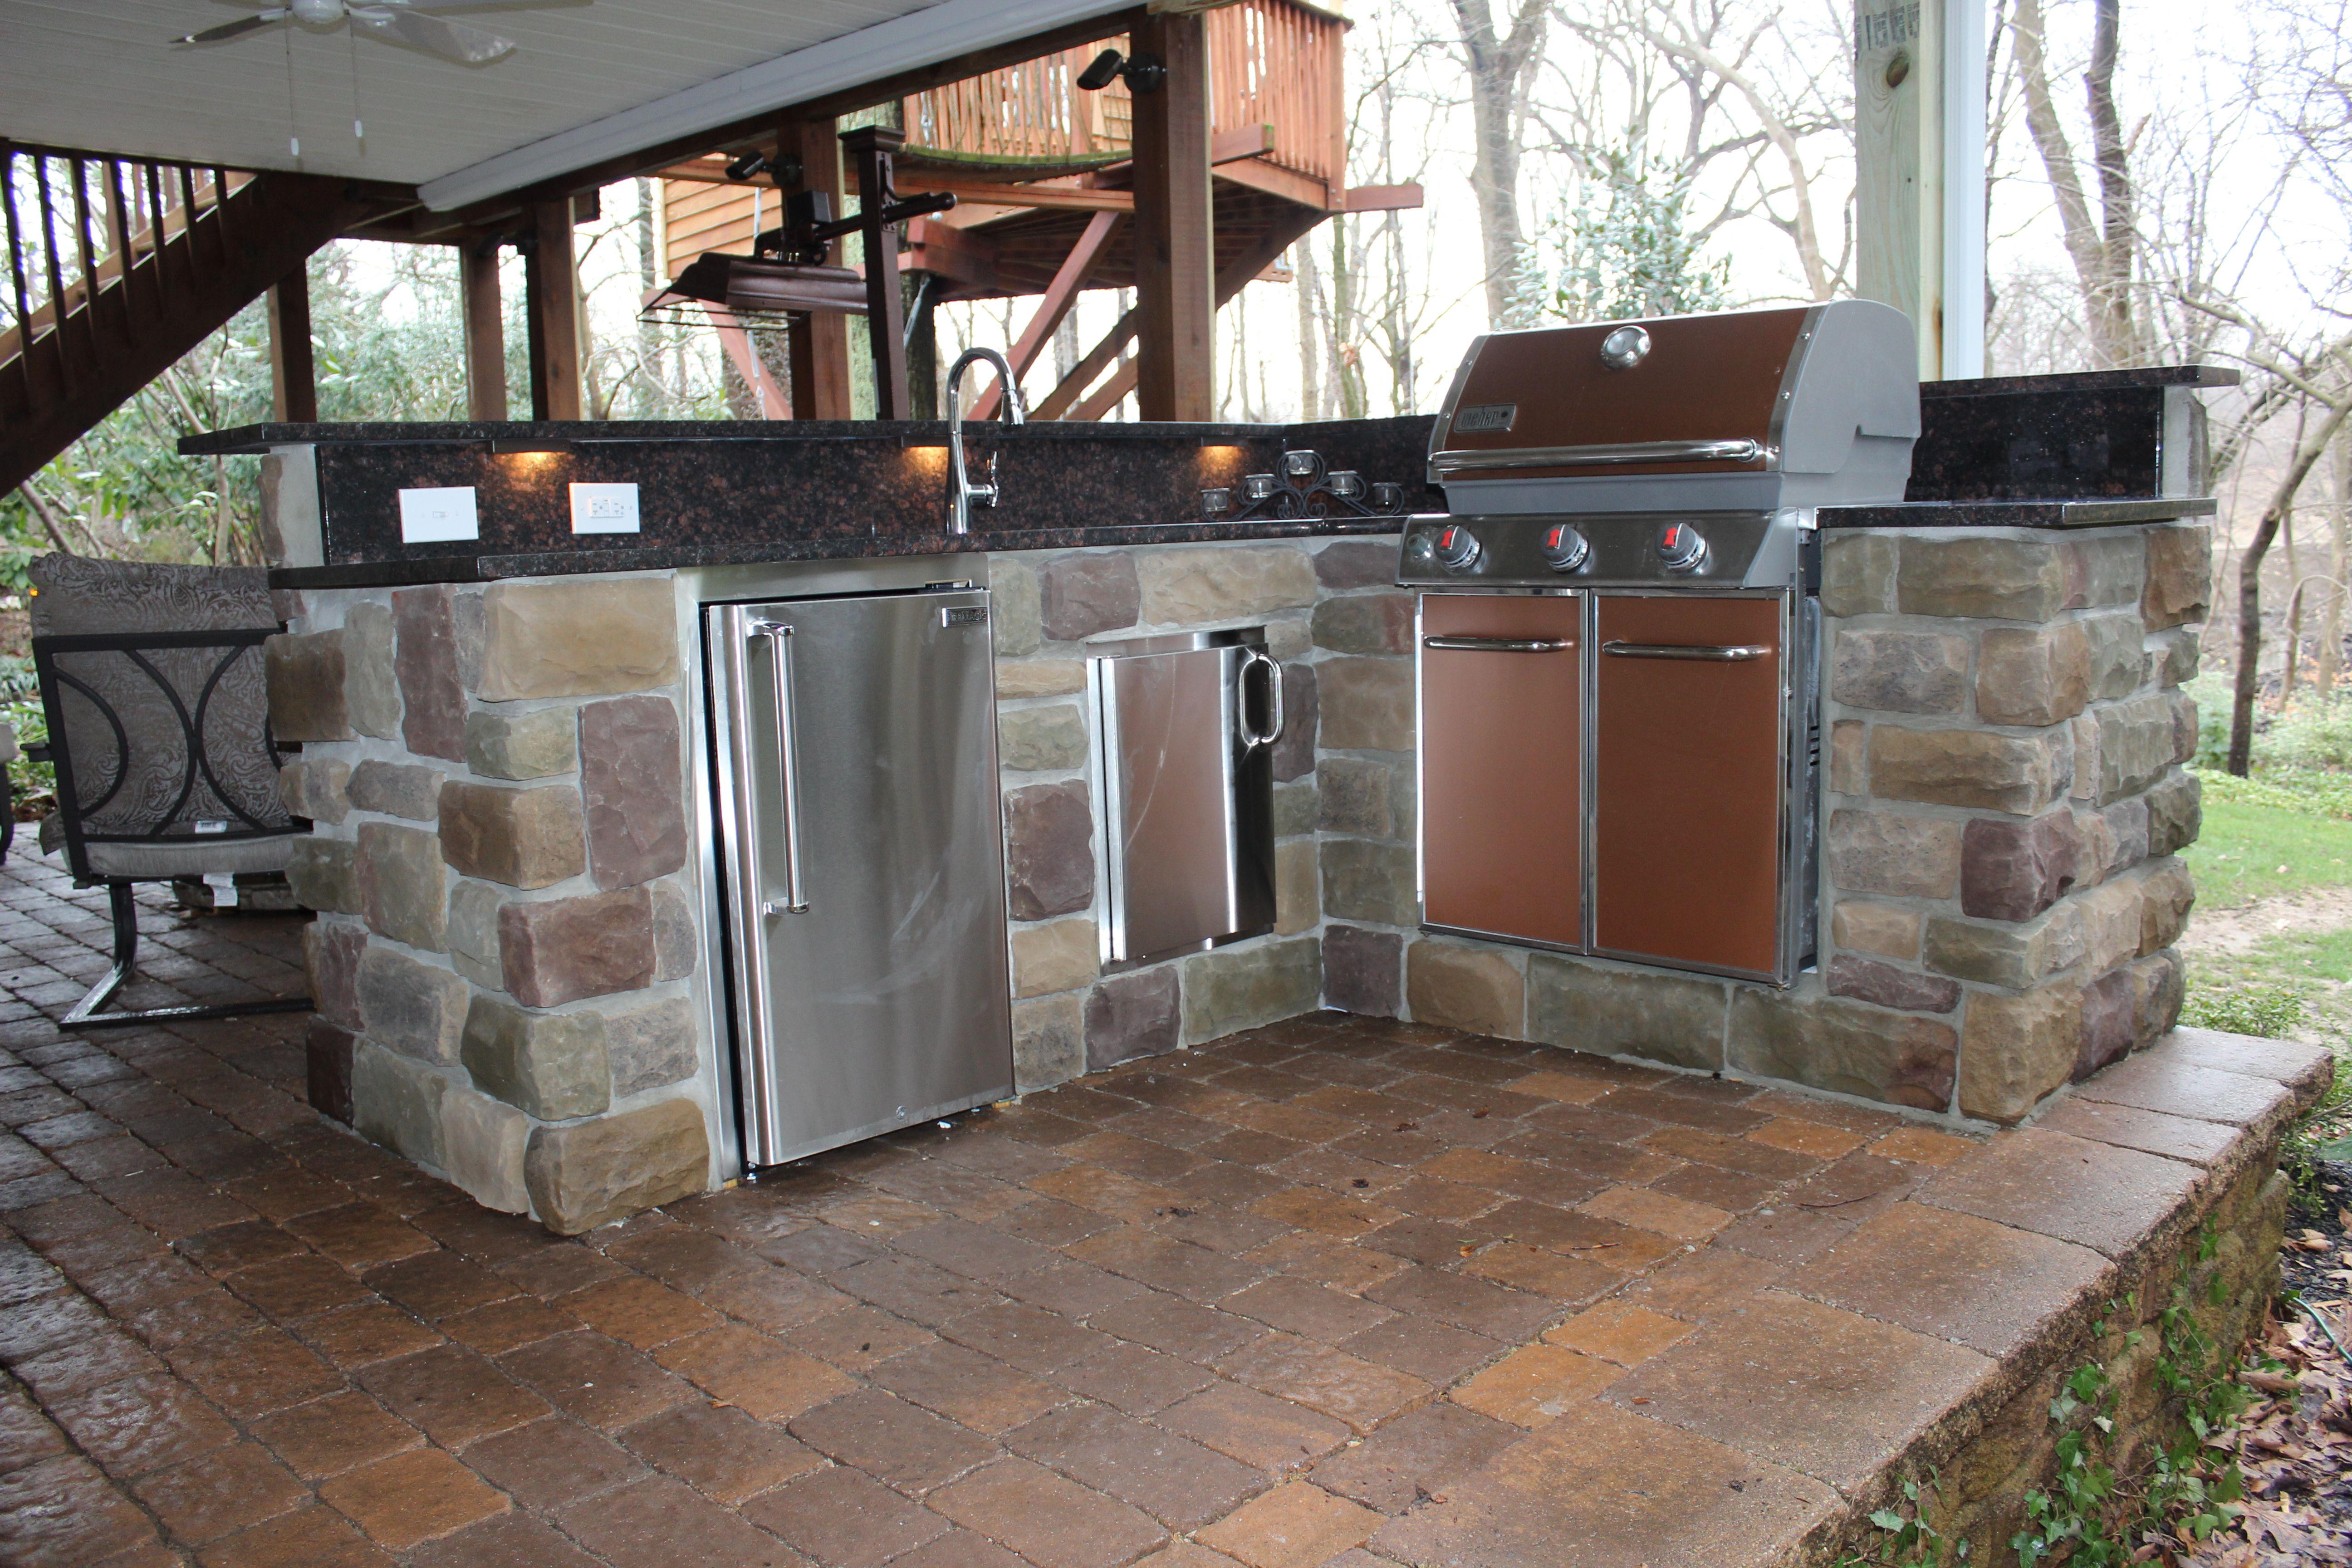 simple outdoor kitchen simple outdoor kitchen outdoor kitchen deck builders on outdoor kitchen on deck id=86480